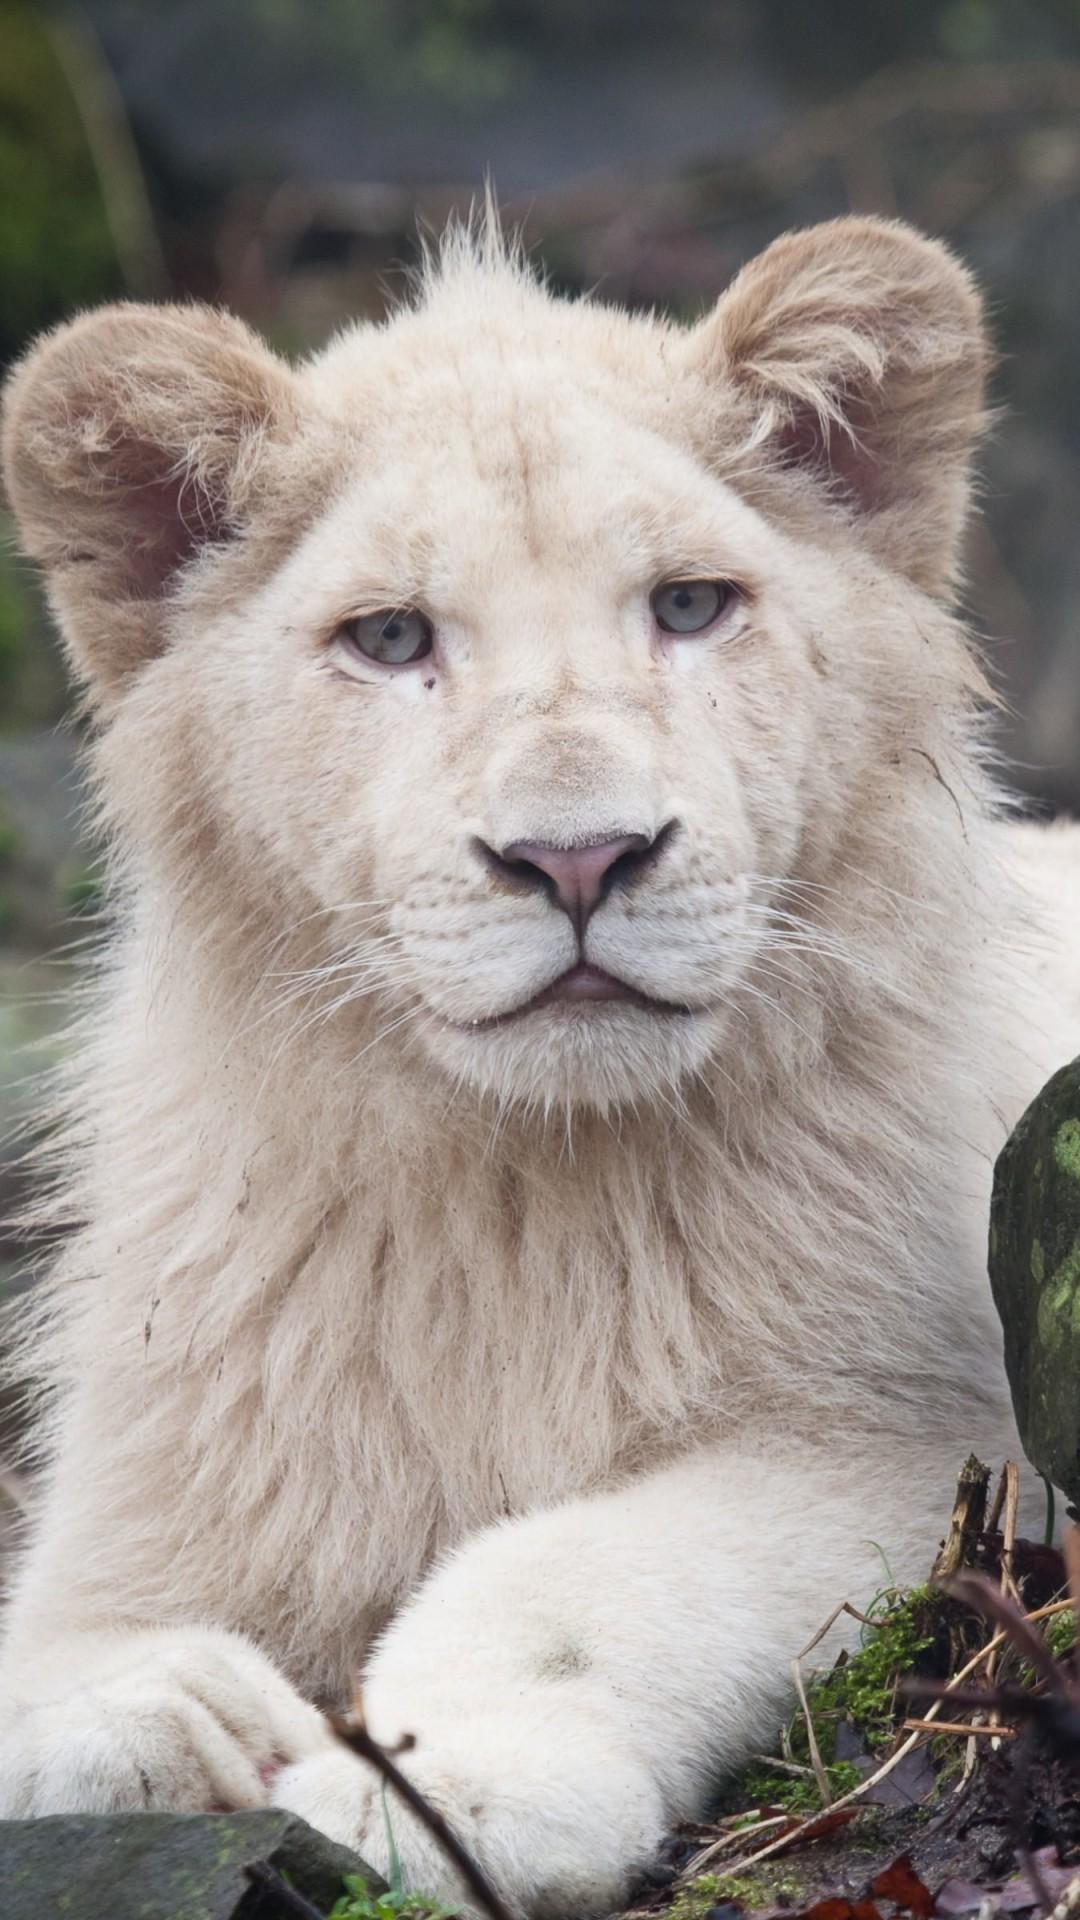 pin lion hd 3 - photo #25